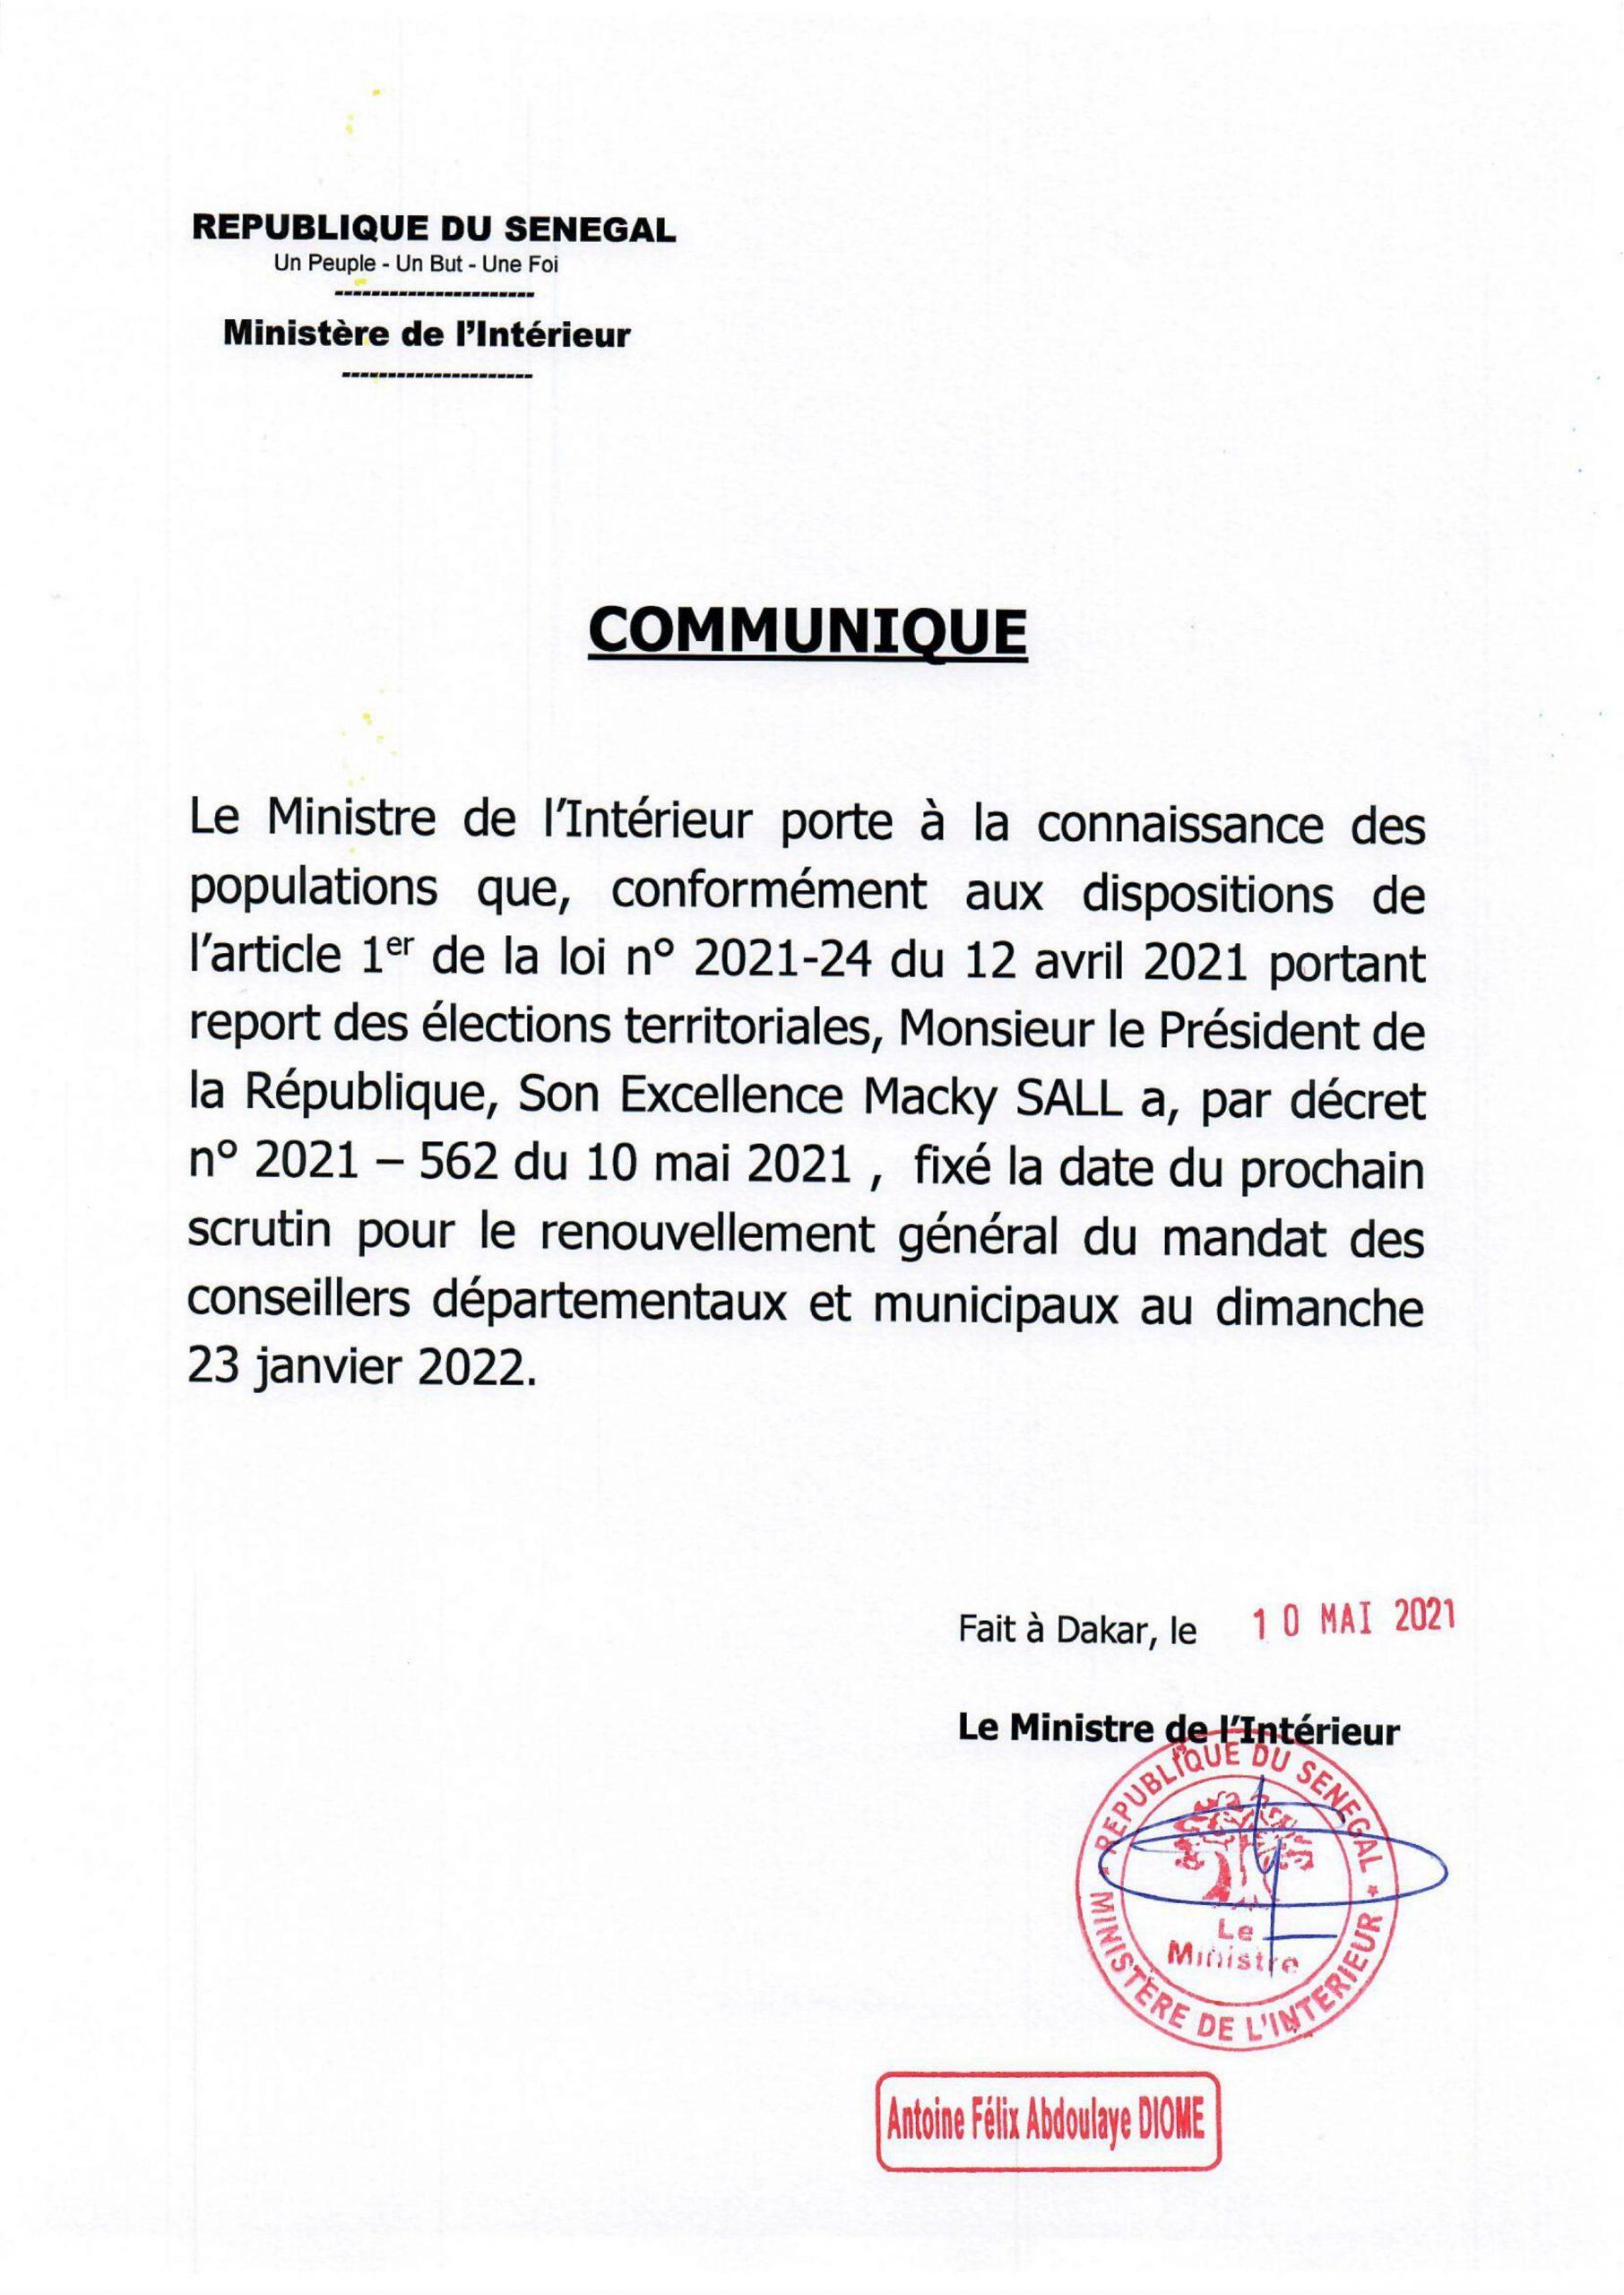 Macky Sall fixe les Locales pour le 23 janvier 2022